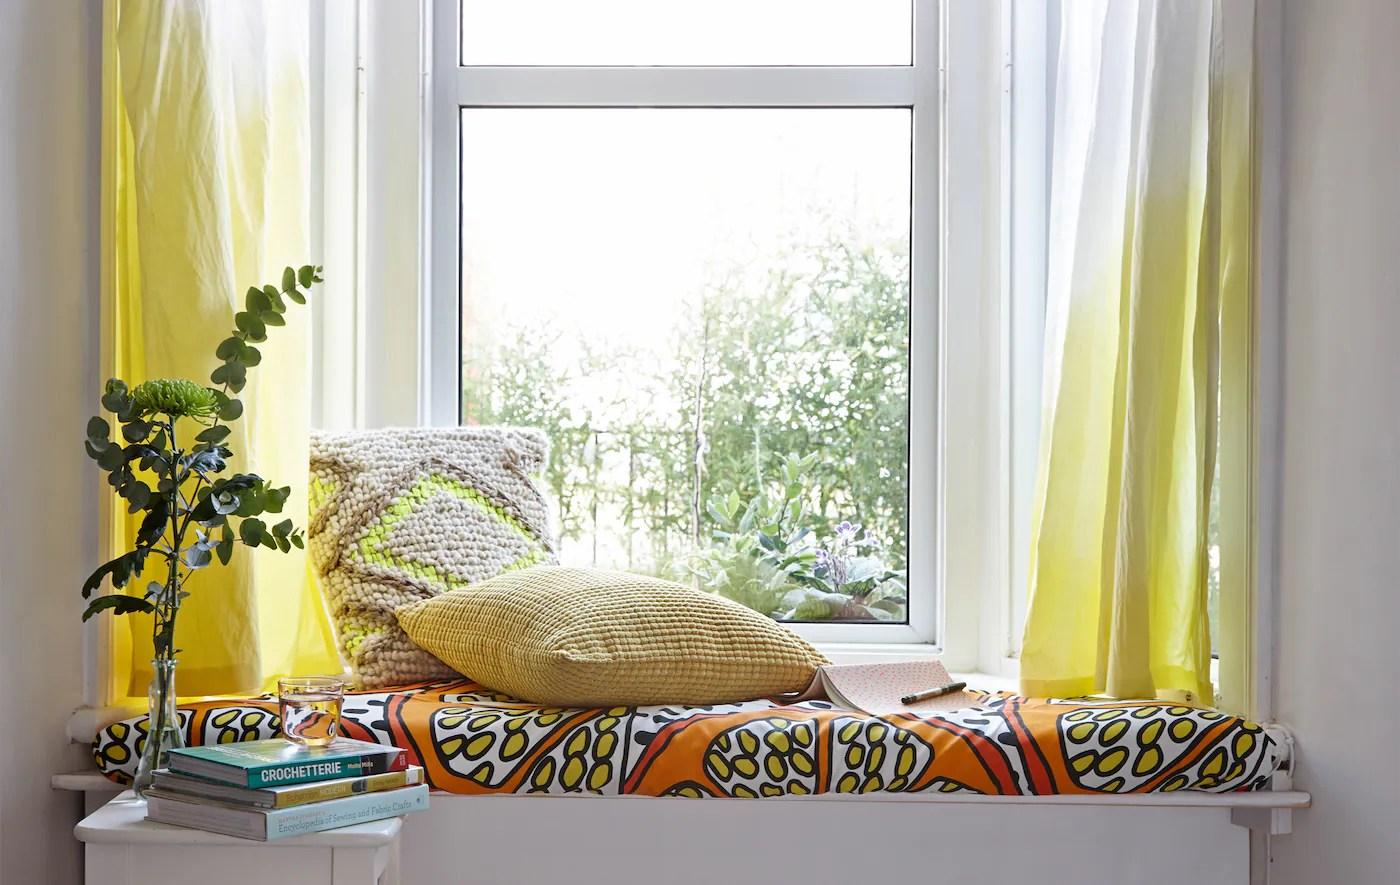 Bagno da sogno con tende leggere. Come Rinnovare Le Tende Coi Bagni Di Colore Ikea Svizzera